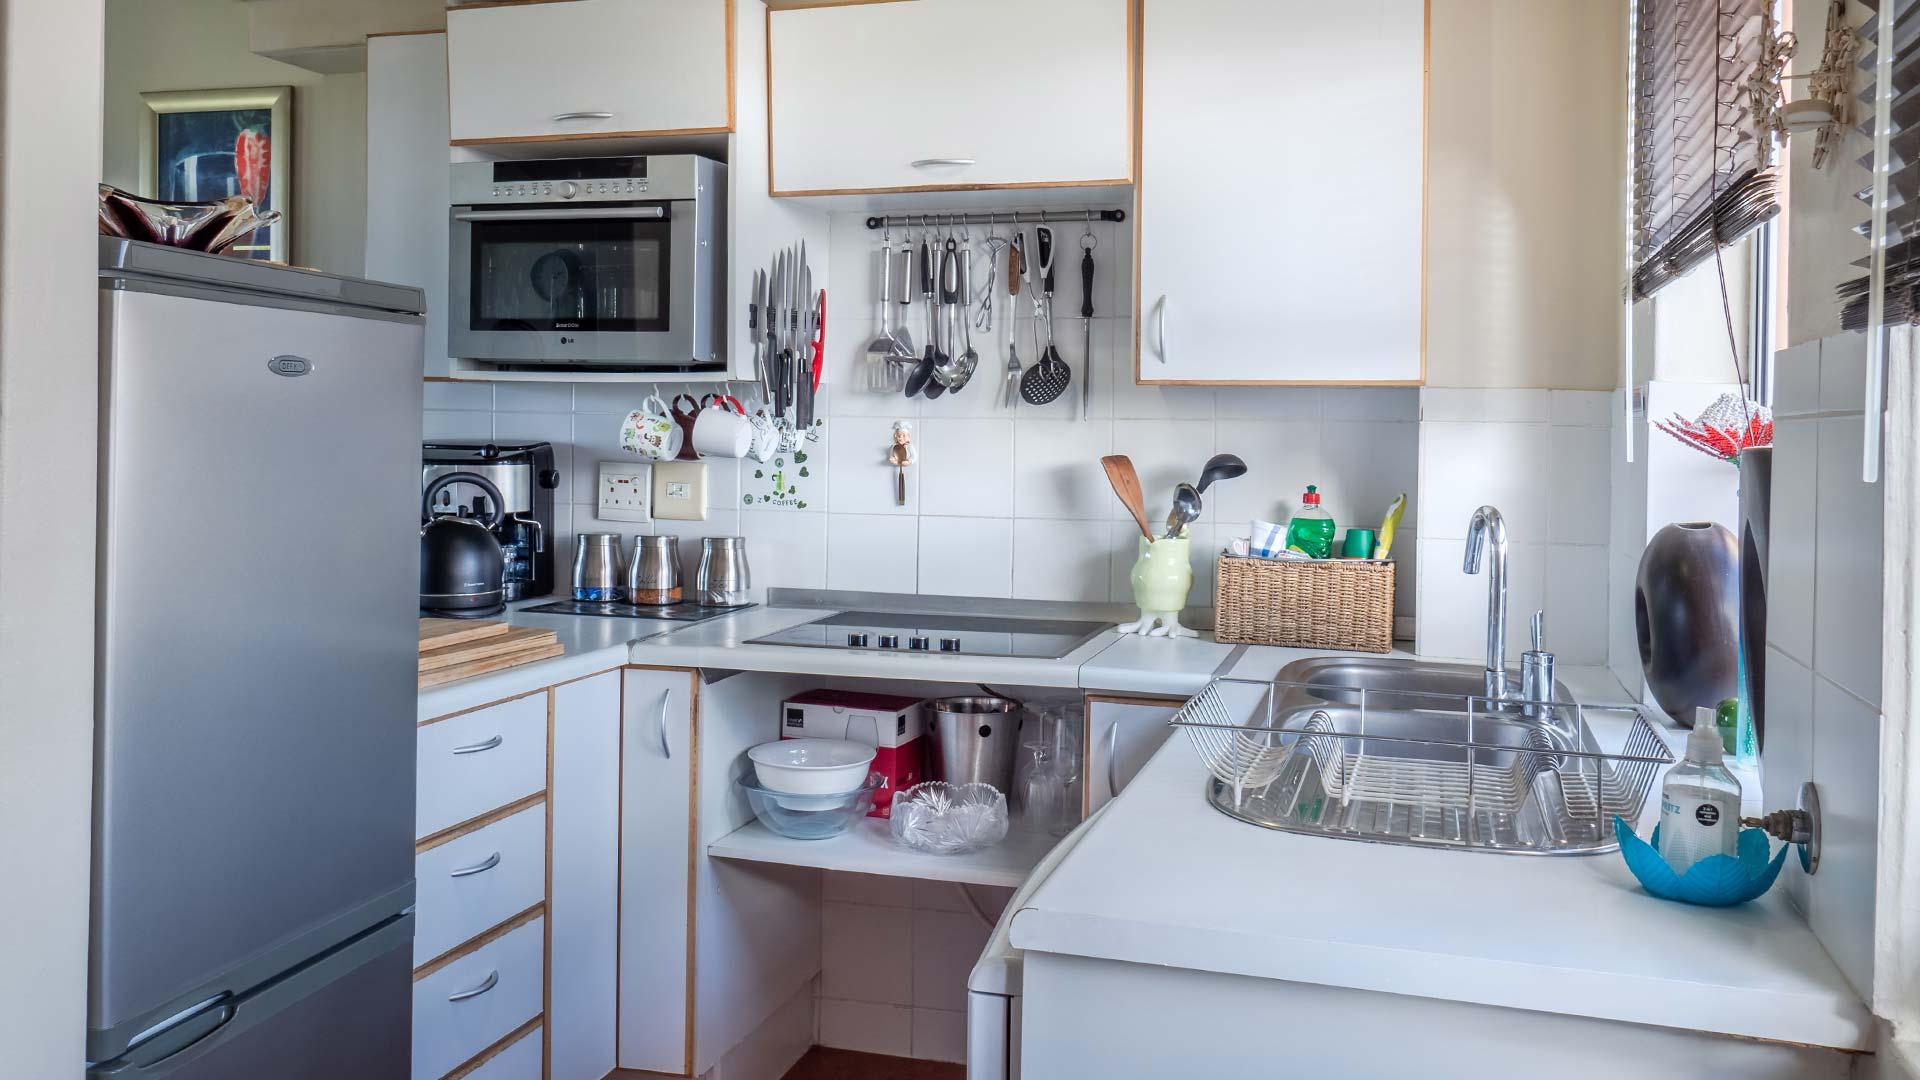 Mała kuchnia aranżacja, trendy i na co zwrócić uwagę przy planowaniu